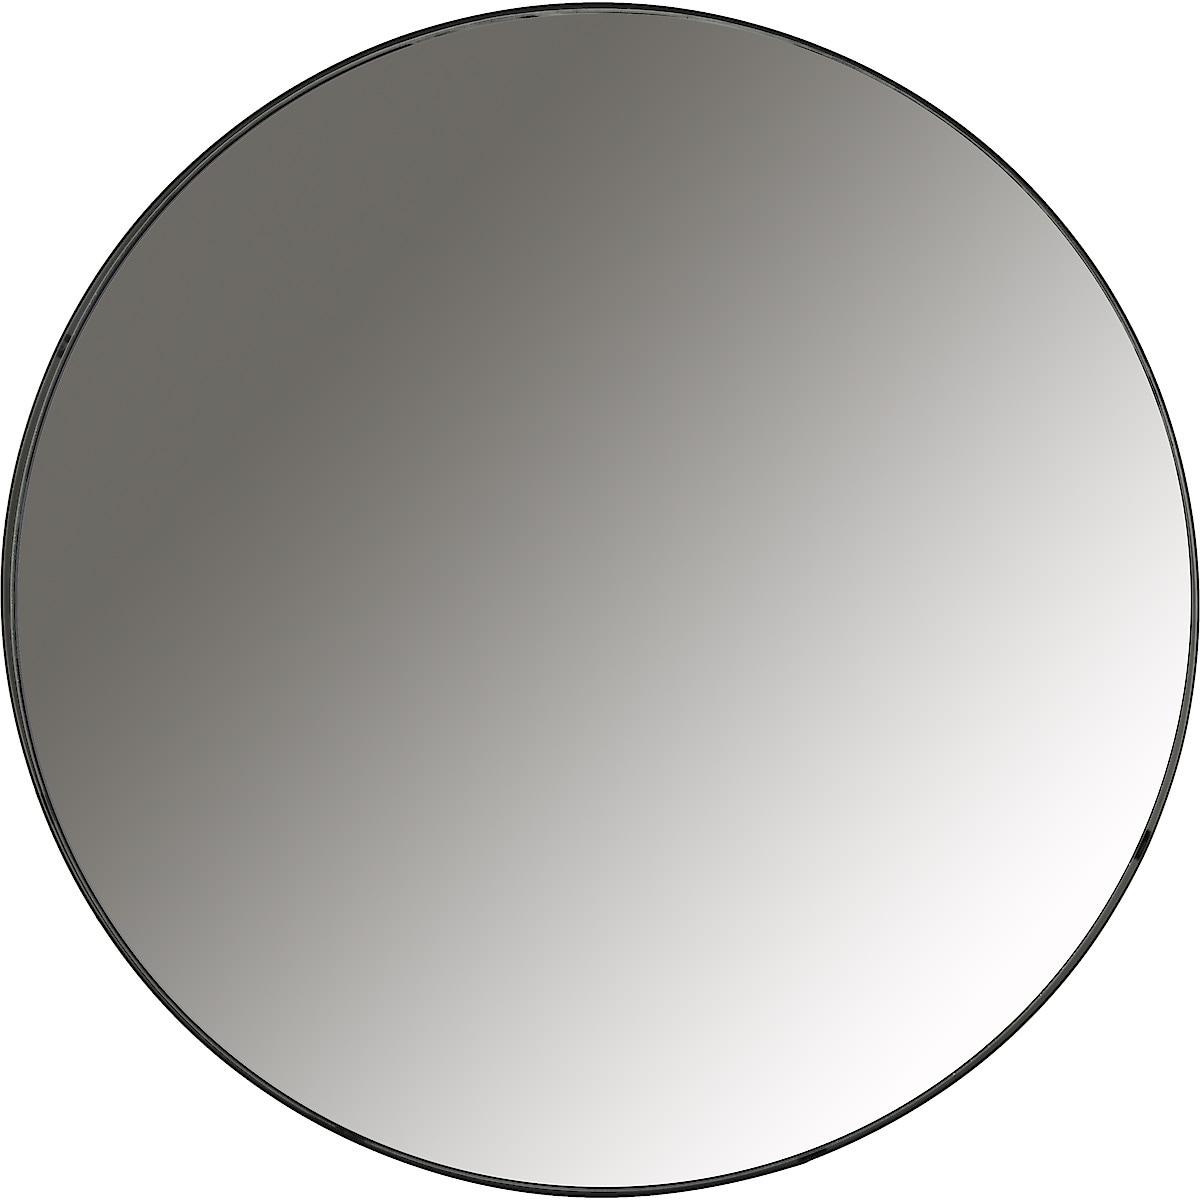 Spegel rund 75 cm